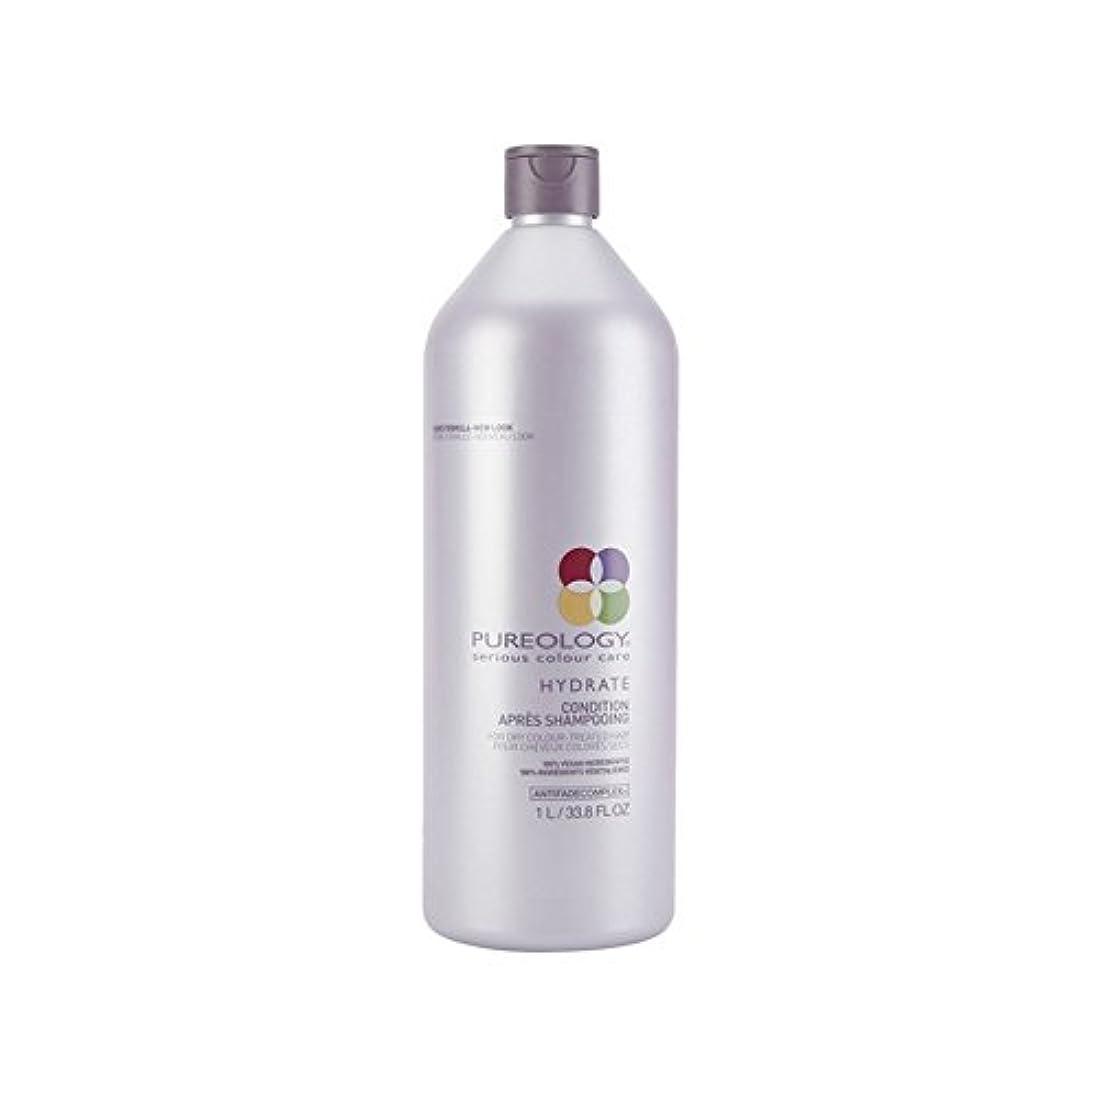 残り物財布ビルマ純粋な水和物コンディショナー(千ミリリットル) x4 - Pureology Pure Hydrate Conditioner (1000ml) (Pack of 4) [並行輸入品]